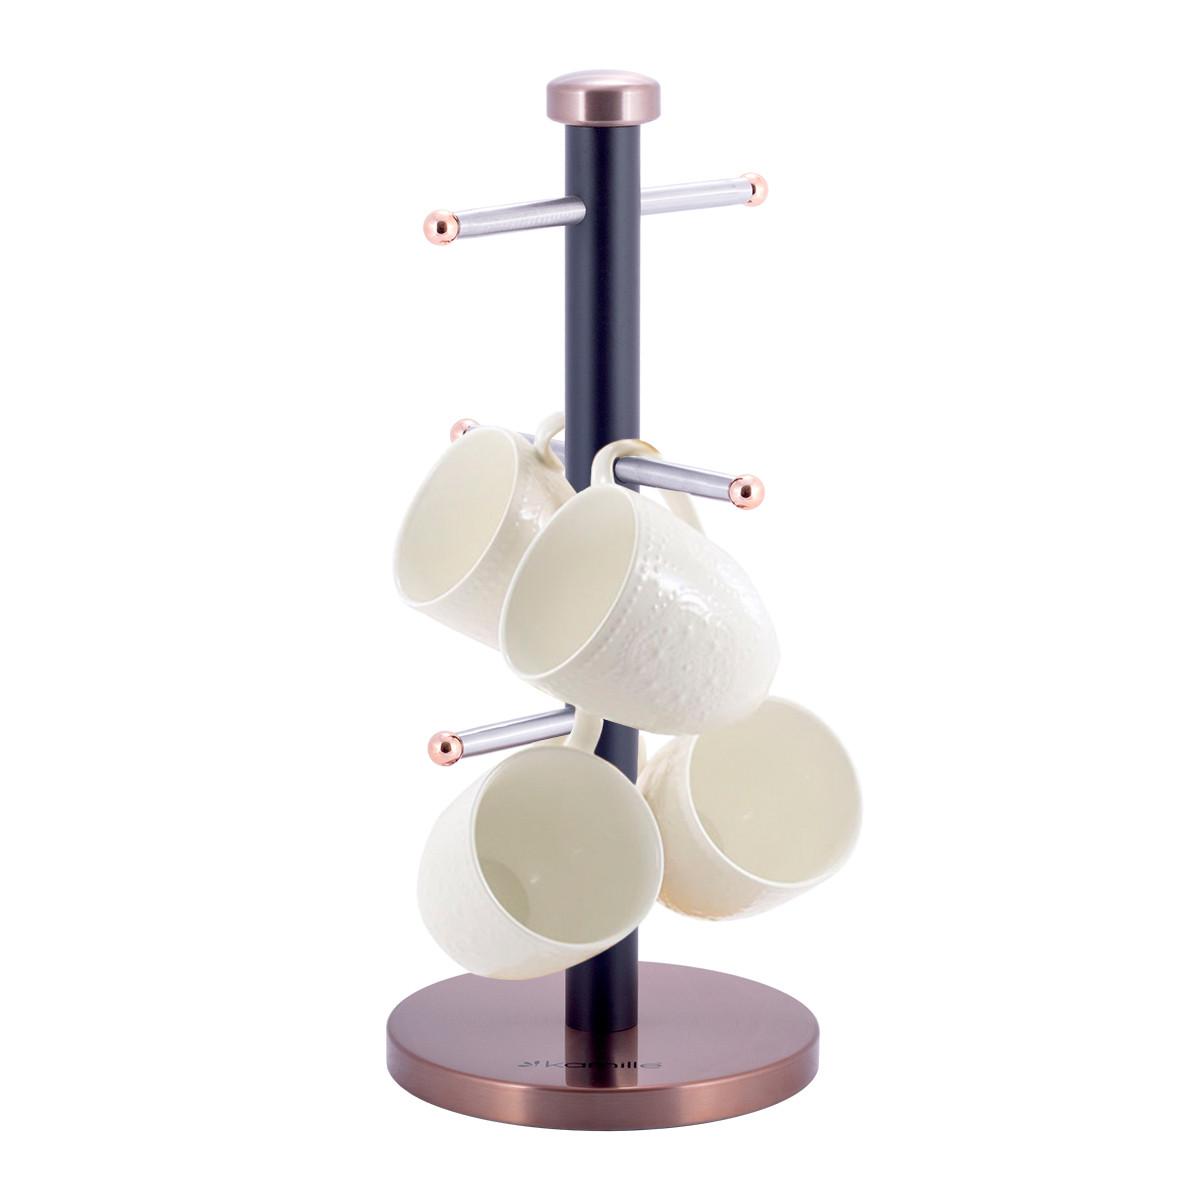 Стойка подставка для чашек Ø15*34,5см из нержавеющей стали KM-0183A